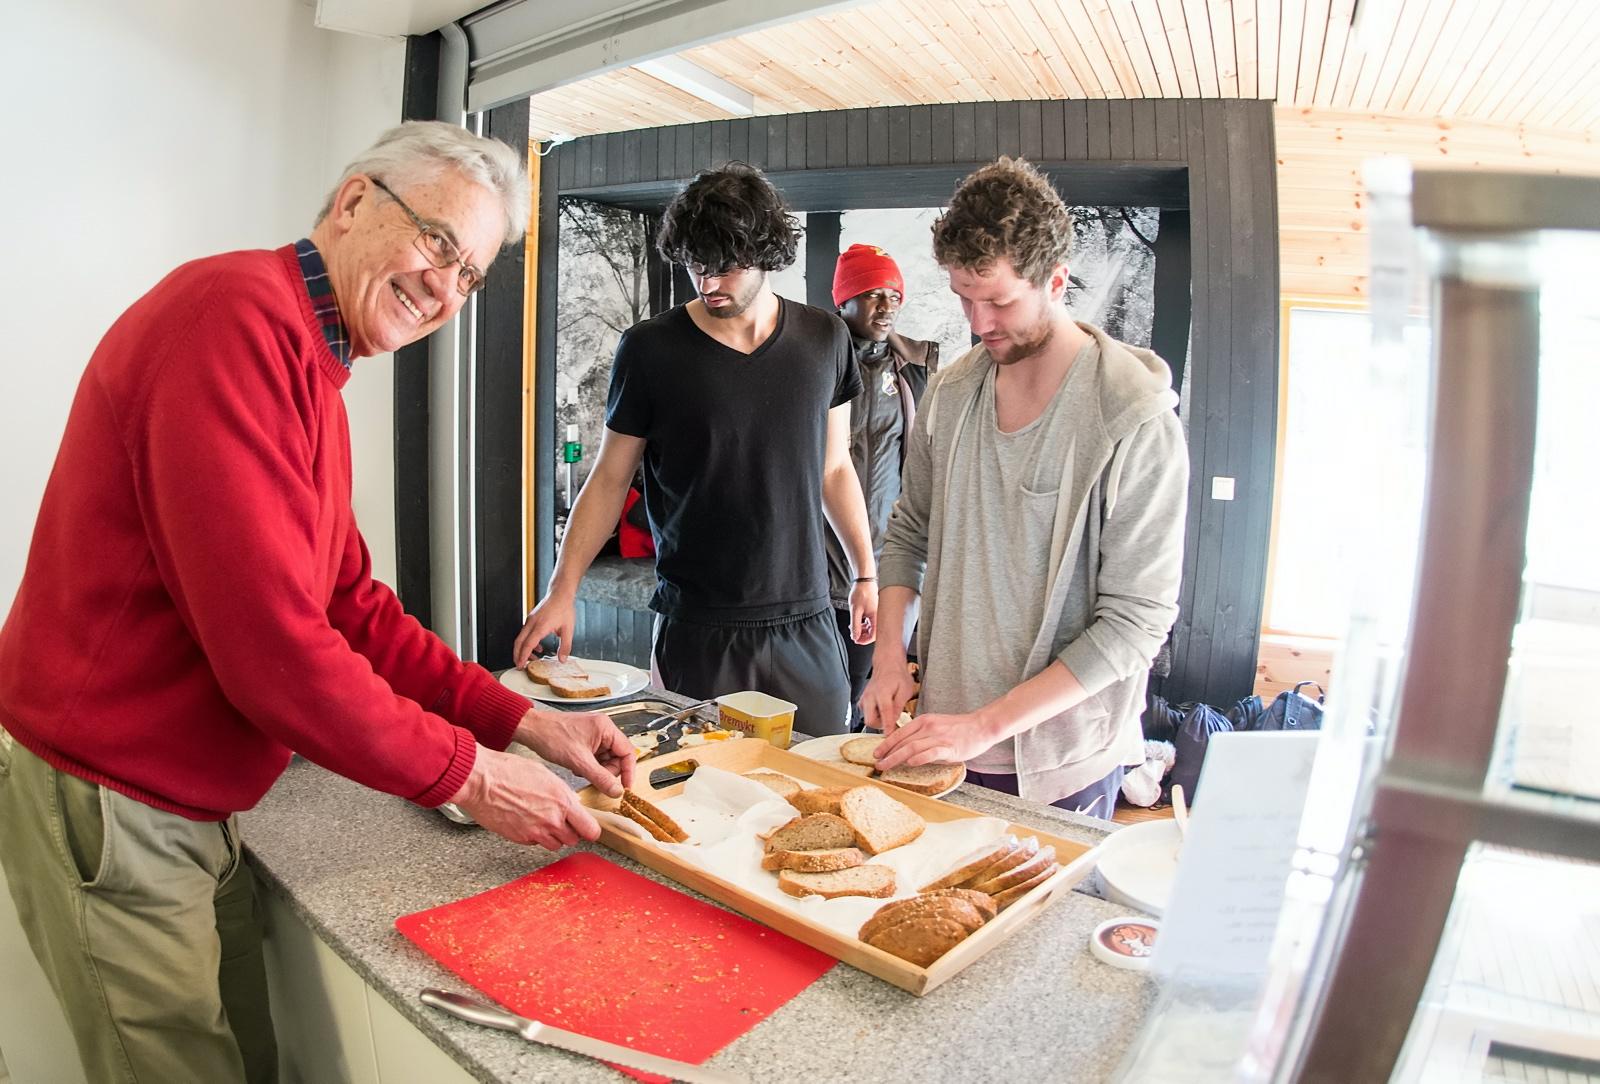 Lyns Eldre stilte opp og serverte lunsj til A-laget. Foto: Lars Opstad